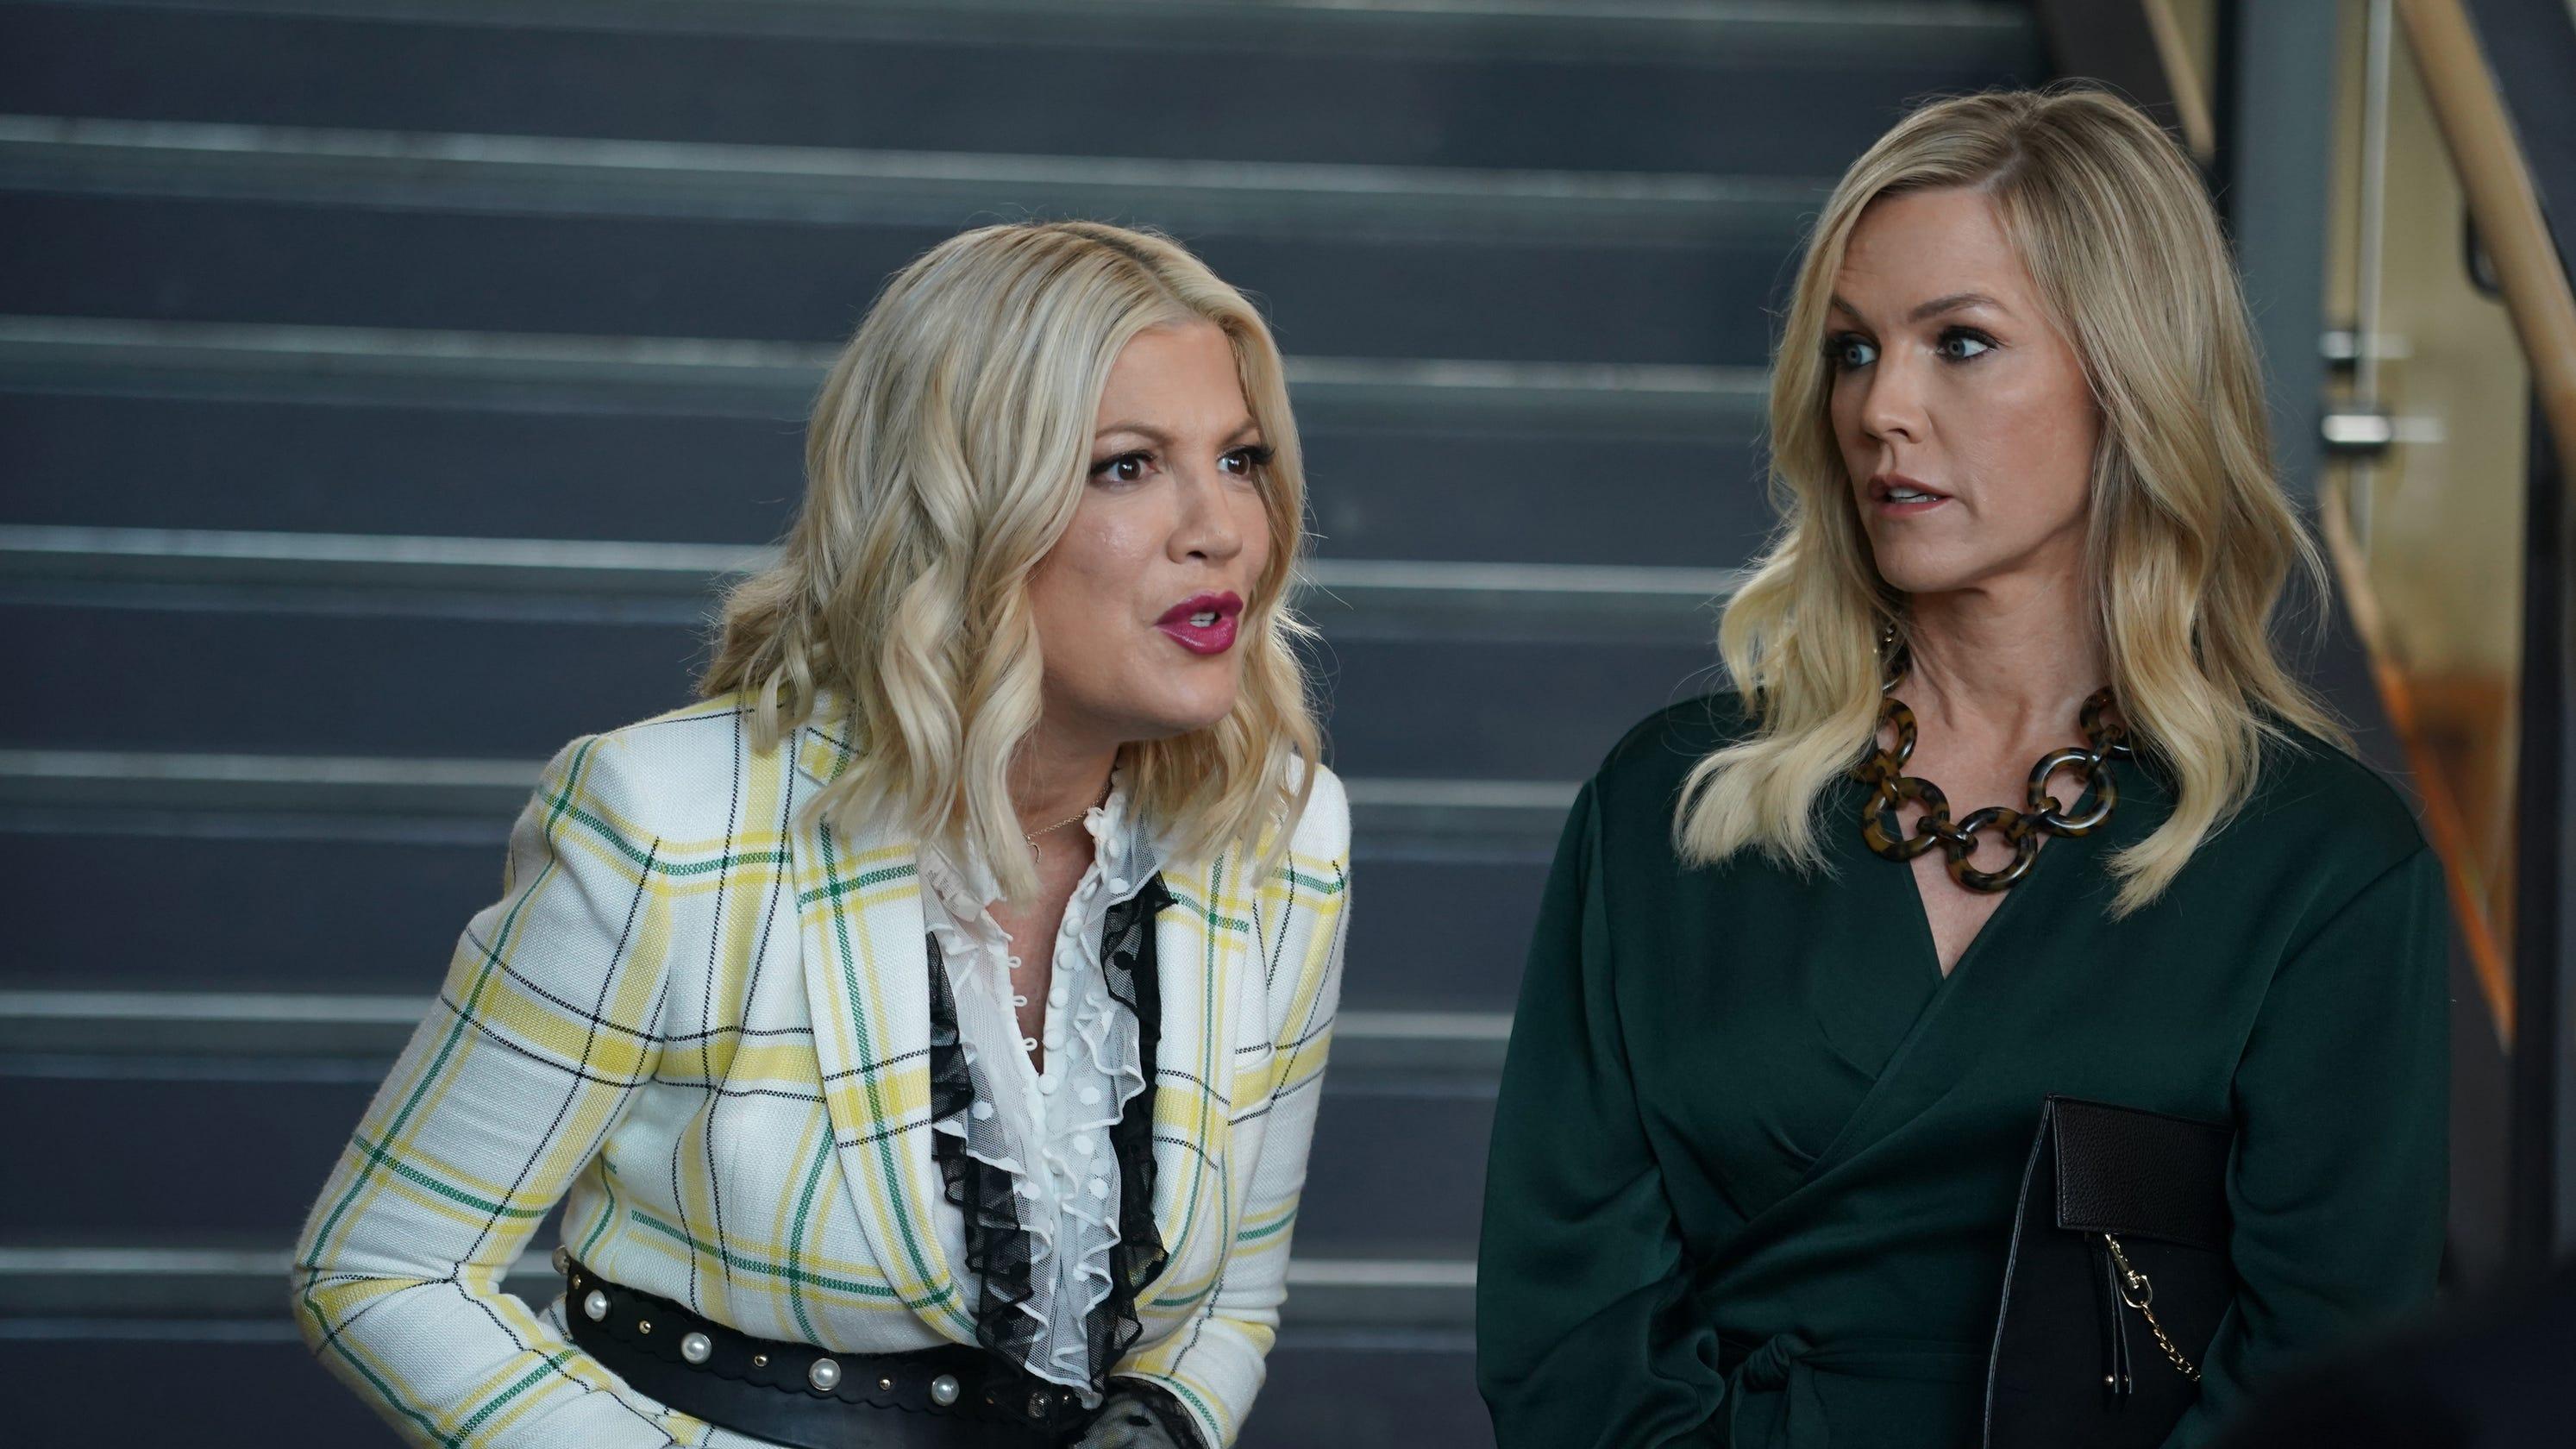 BH 90210' recap: Season 1, Episode 2, 'The Pitch'